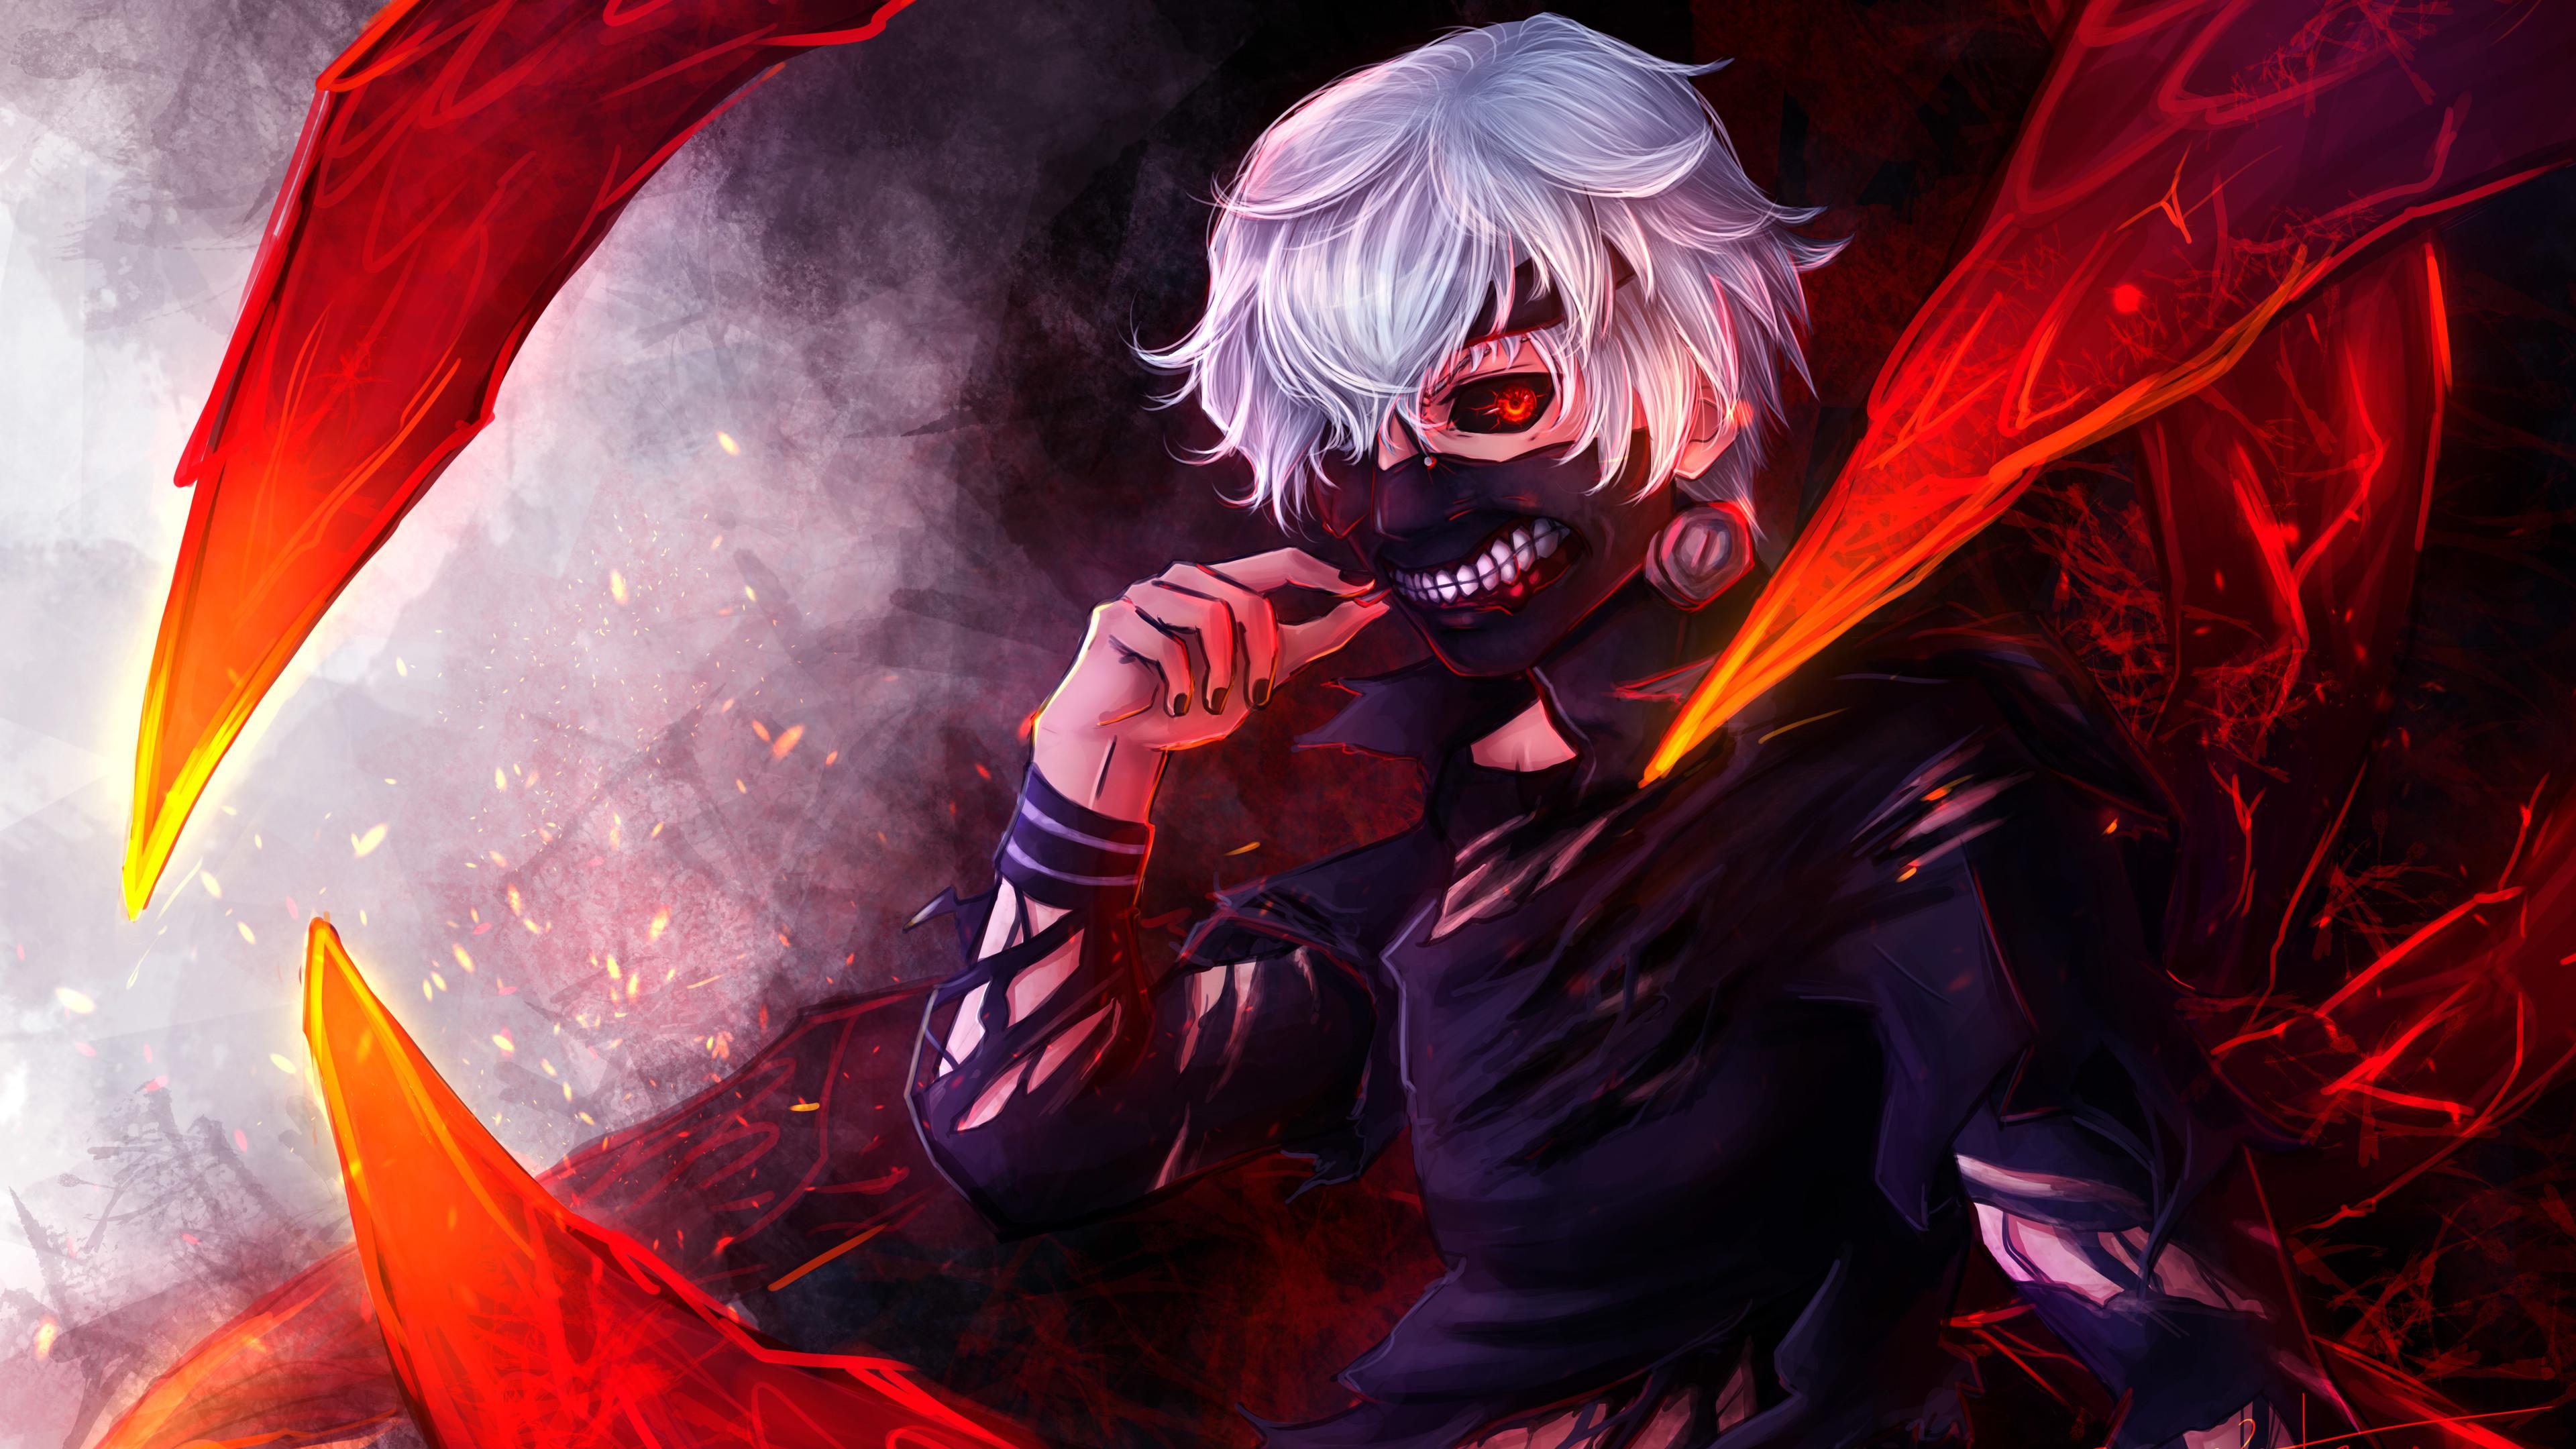 HÌnh nền Tokyo Ghoul cực đẹp Ken cực chất